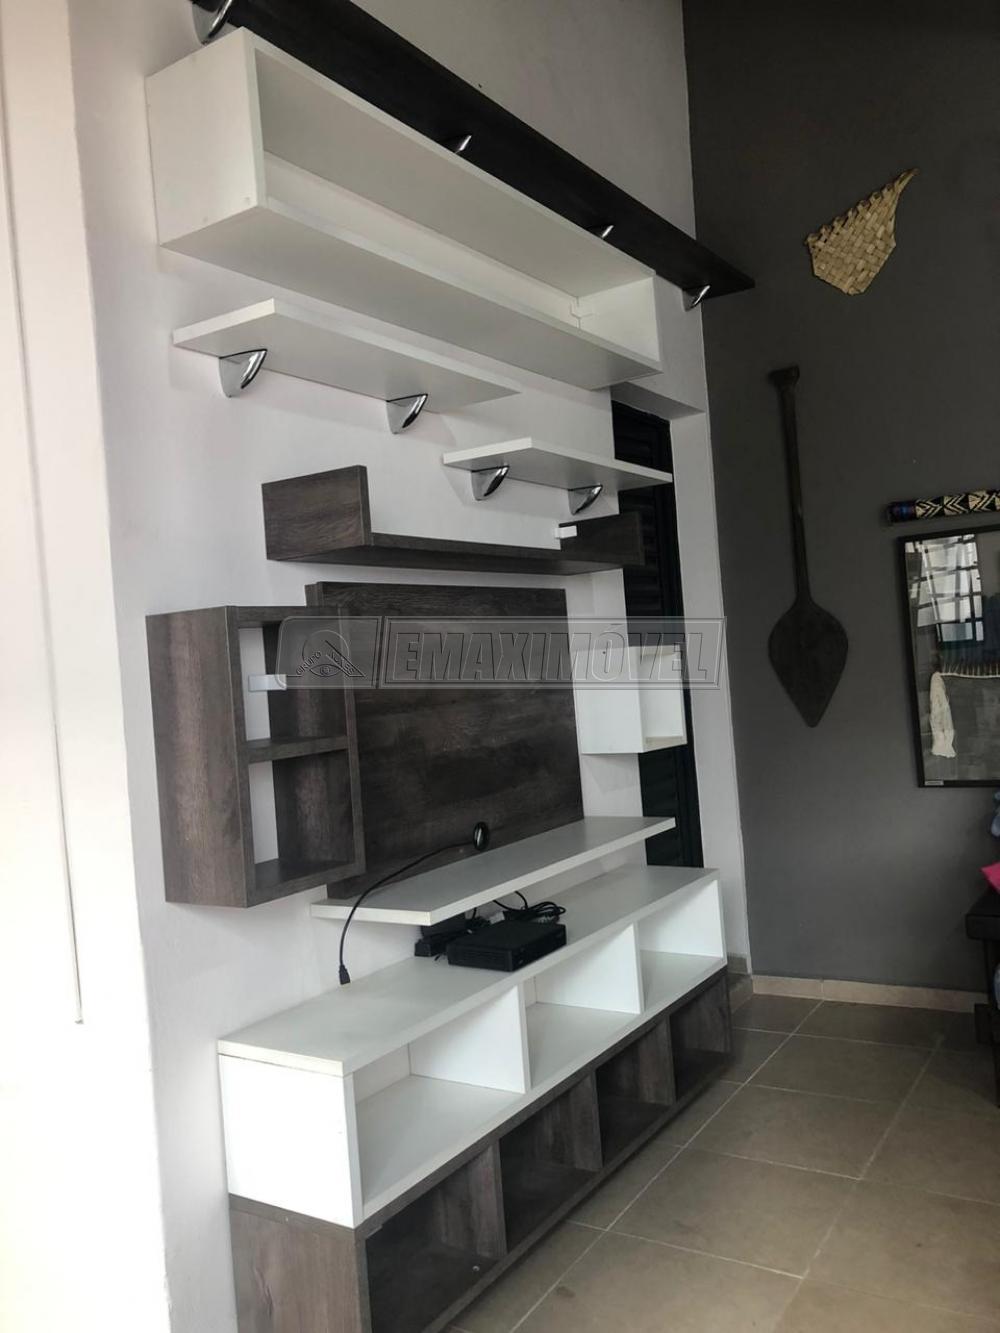 Comprar Casas / em Bairros em Sorocaba apenas R$ 340.000,00 - Foto 28